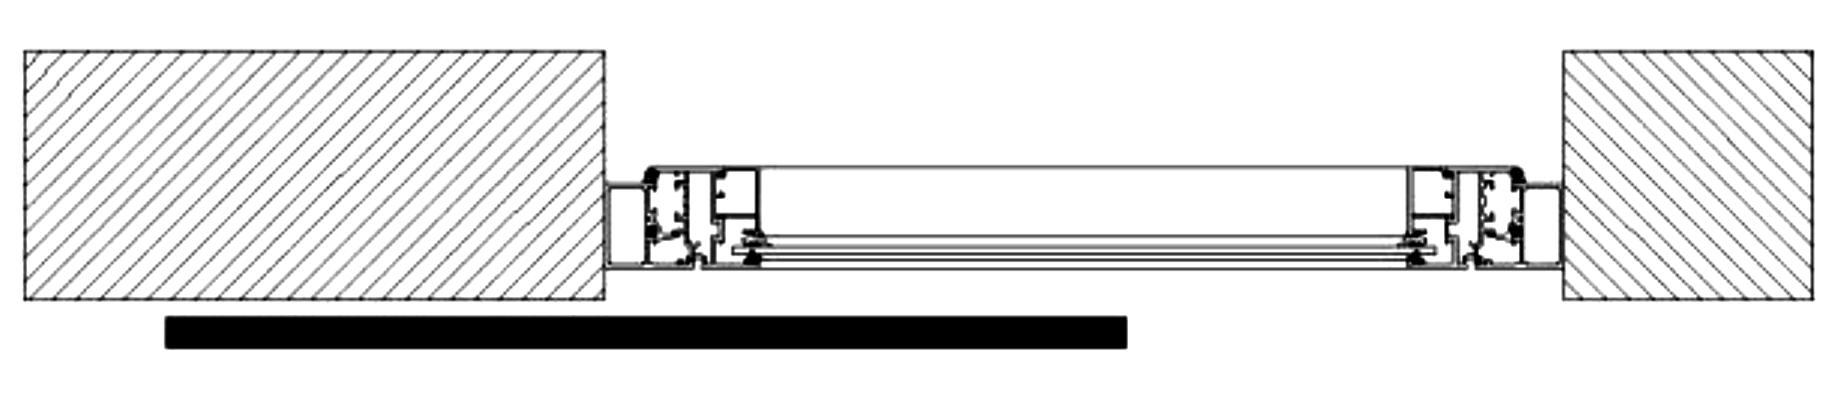 Sliding Shutters Division Diagram 1l1r